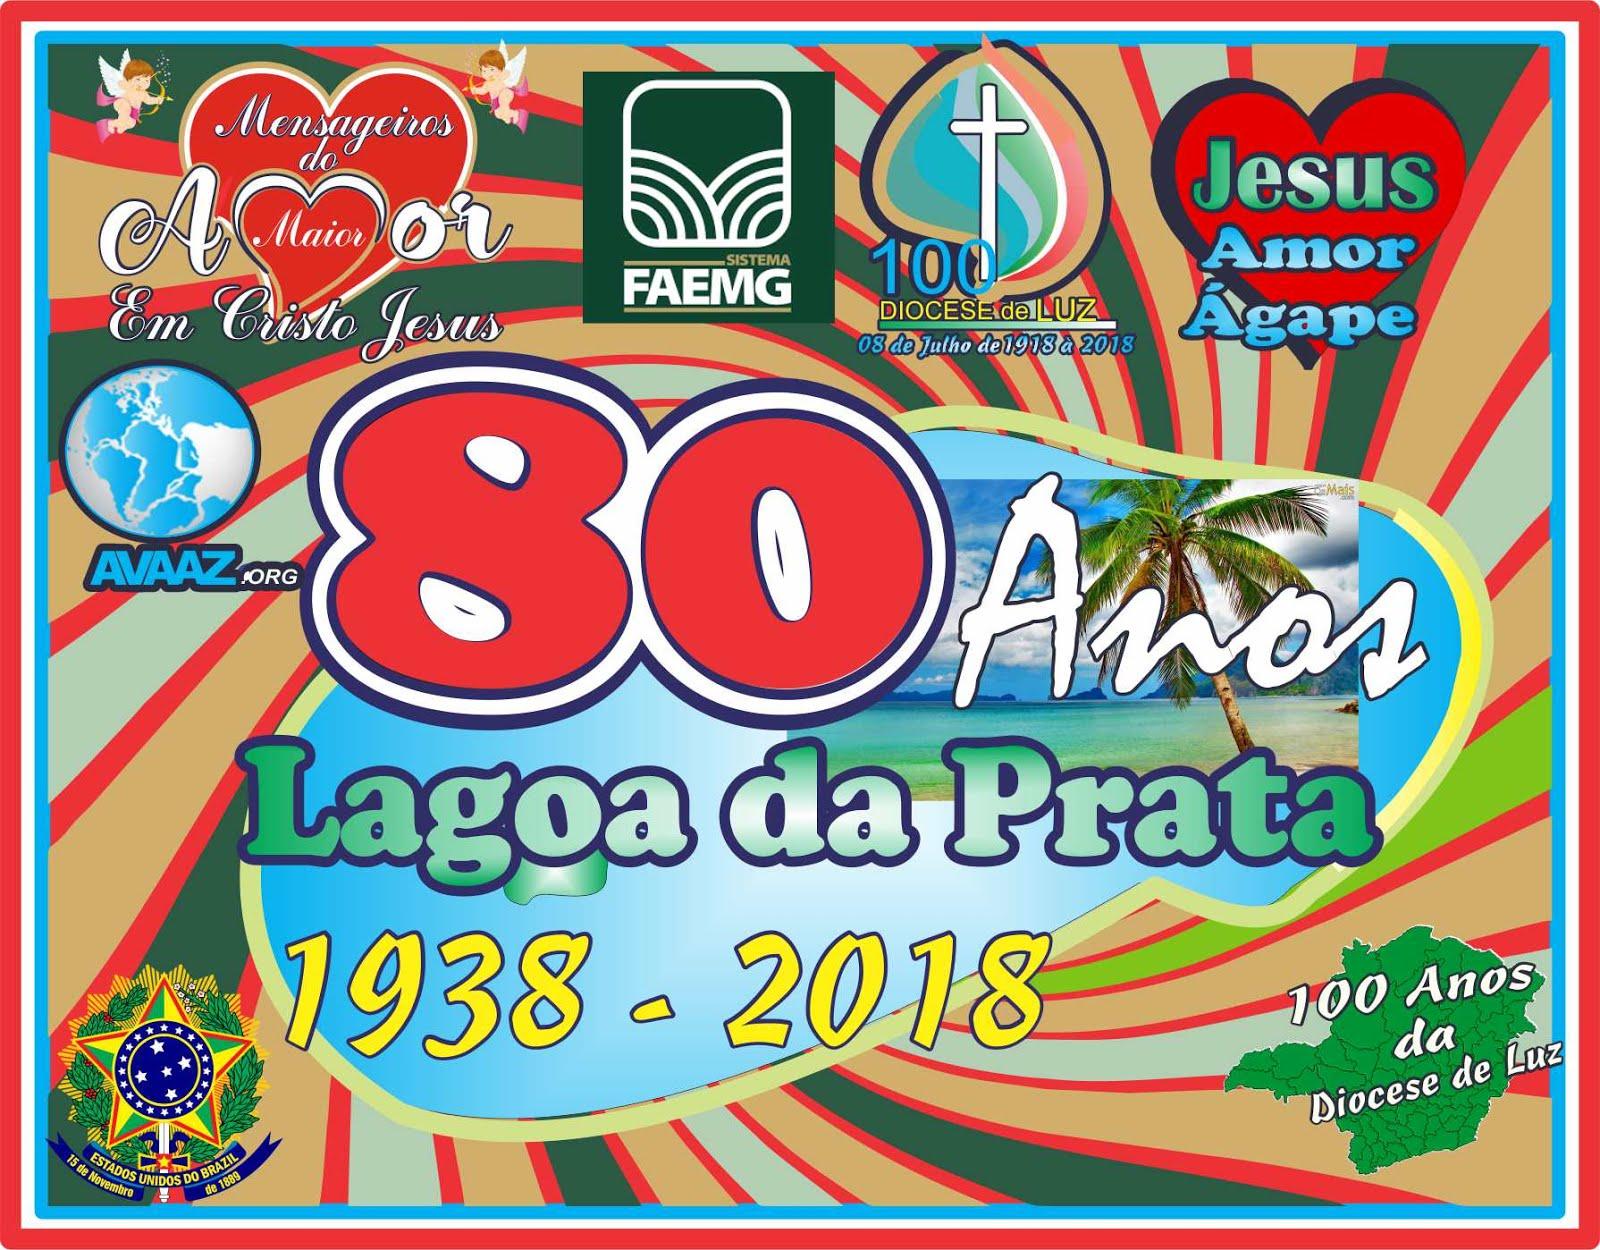 80 Anos da Emancipação de São carlos do Pântano Para Lagoa da Prata